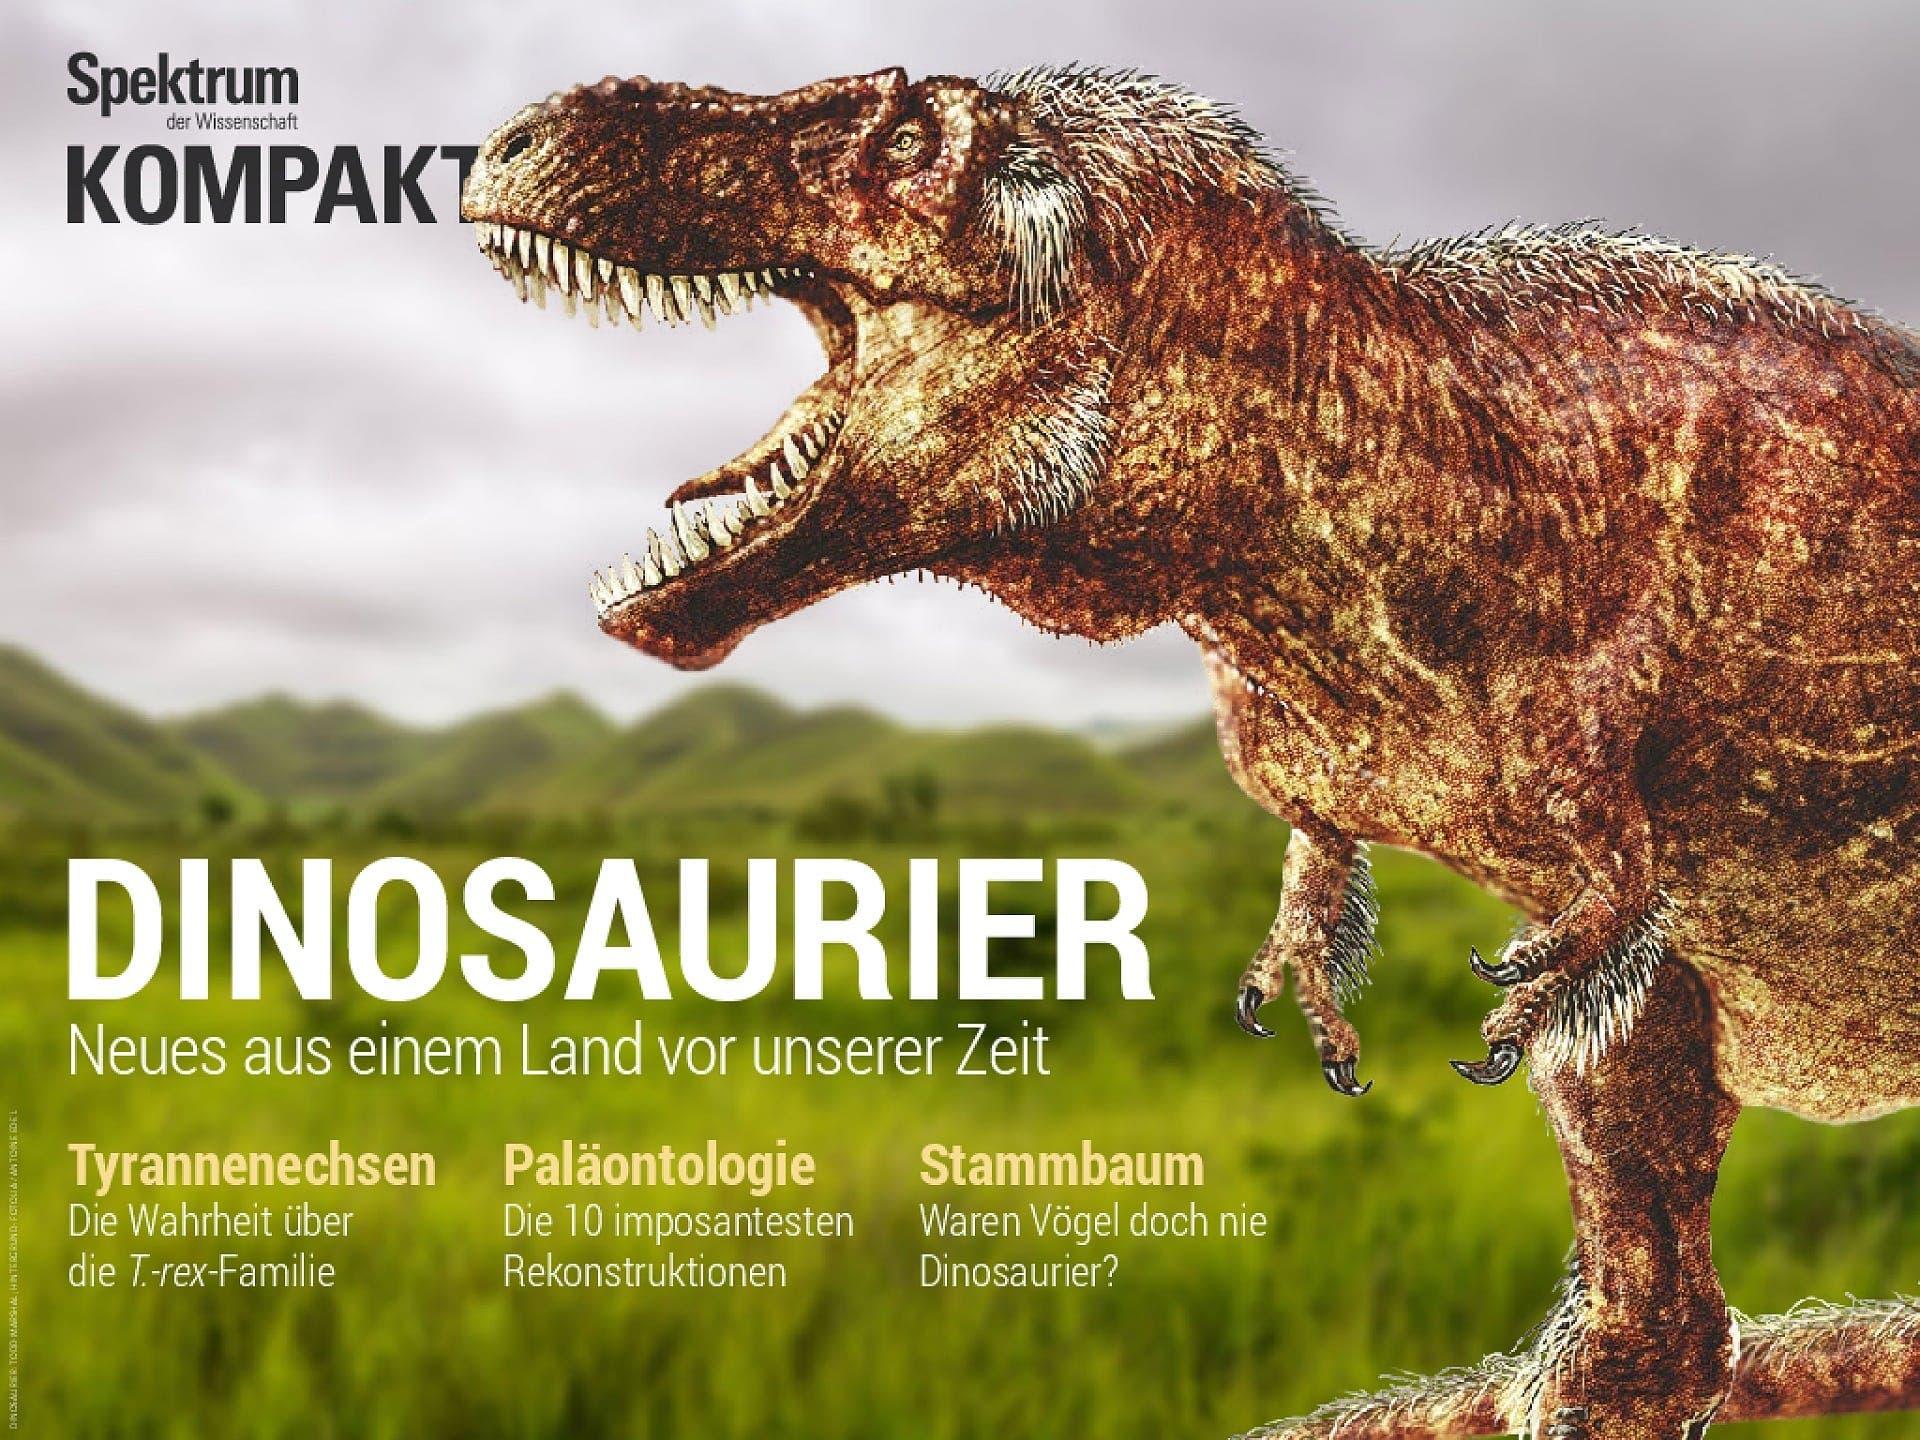 Dinosaurier - Neues aus einem Land vor unserer Zeit